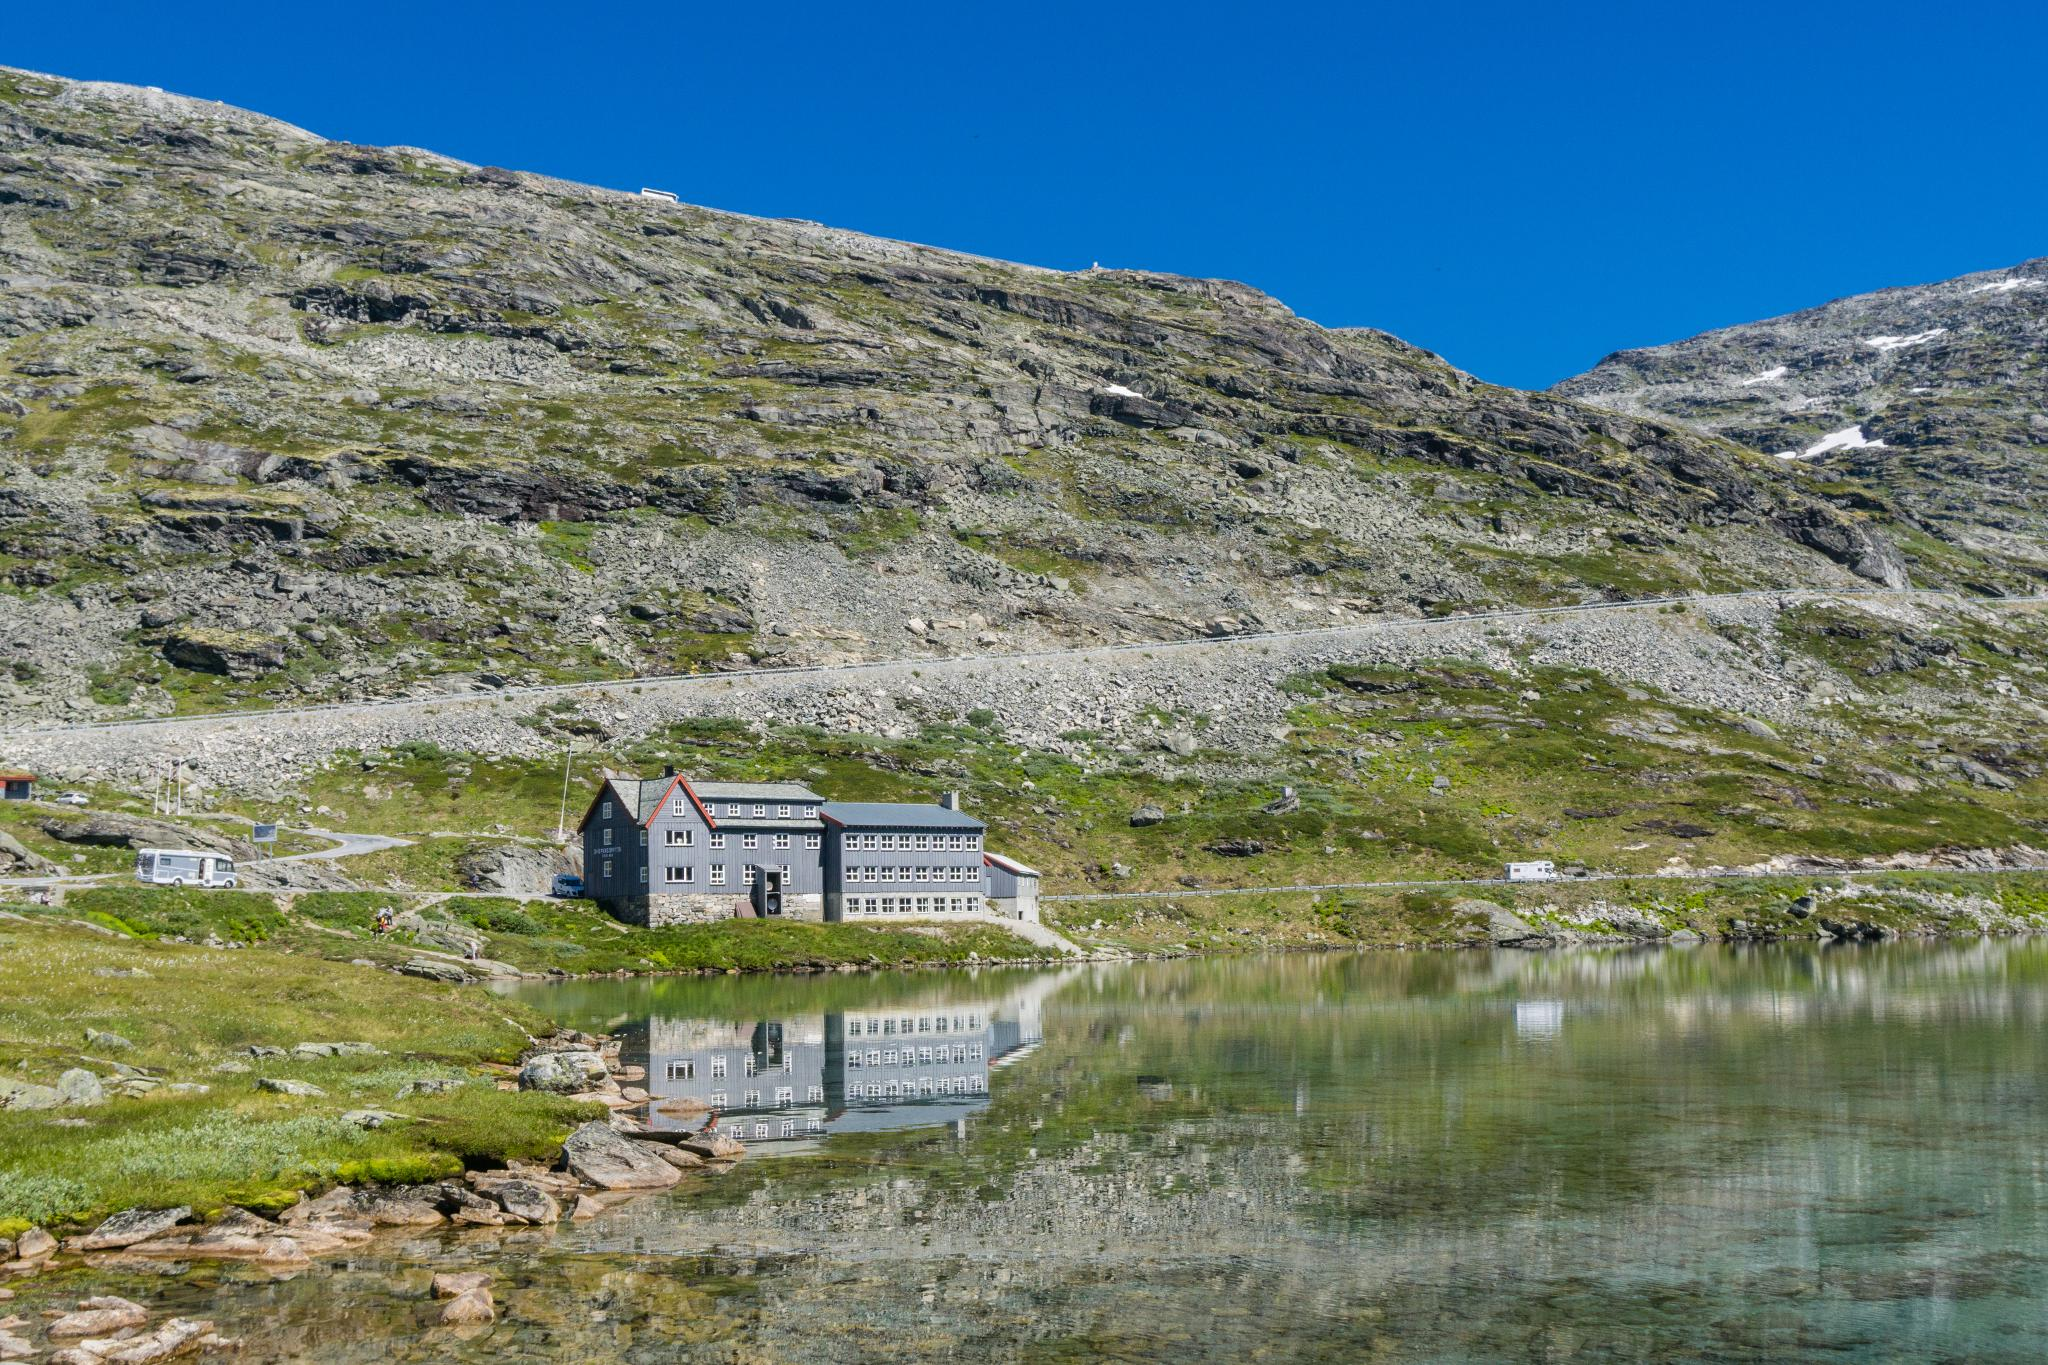 【北歐景點】歐洲最震撼的峽灣觀景台 — Dalsnibba Mountain Plateau 6